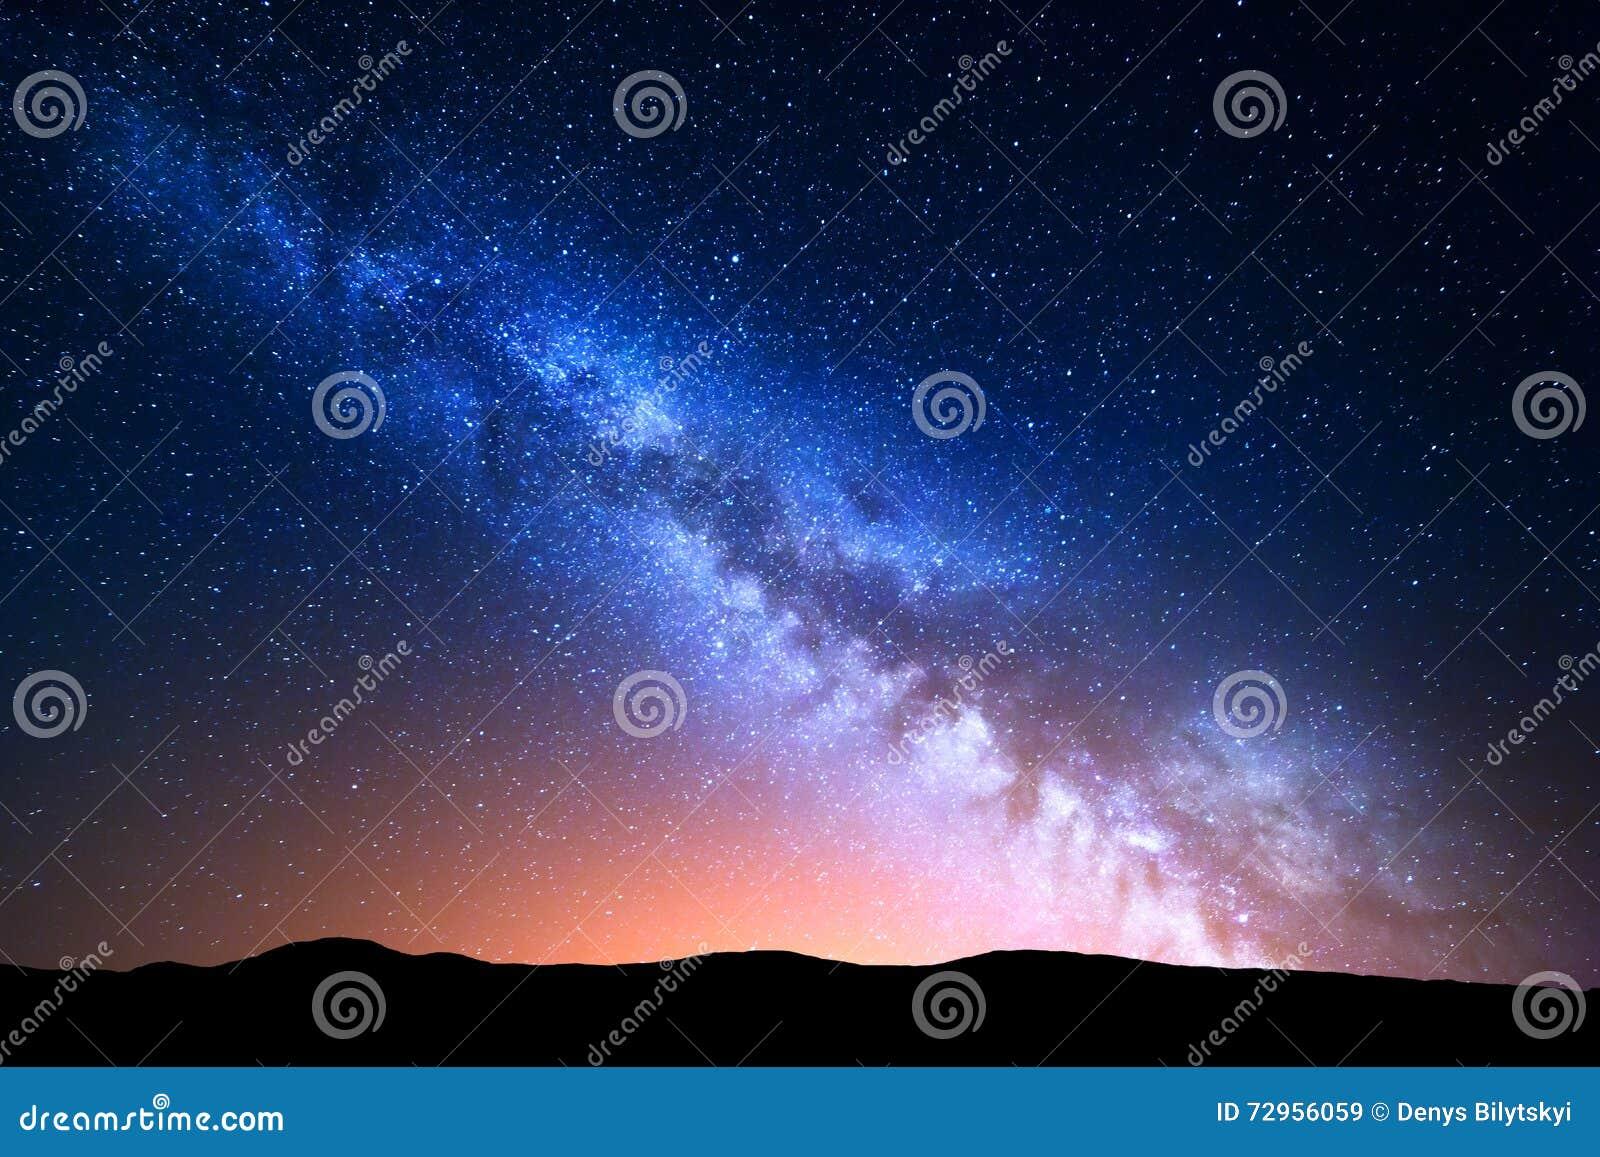 Nachtlandschap met kleurrijke Melkweg en geel licht bij bergen Sterrige hemel met heuvels bij de zomer Mooi Heelal ruimte